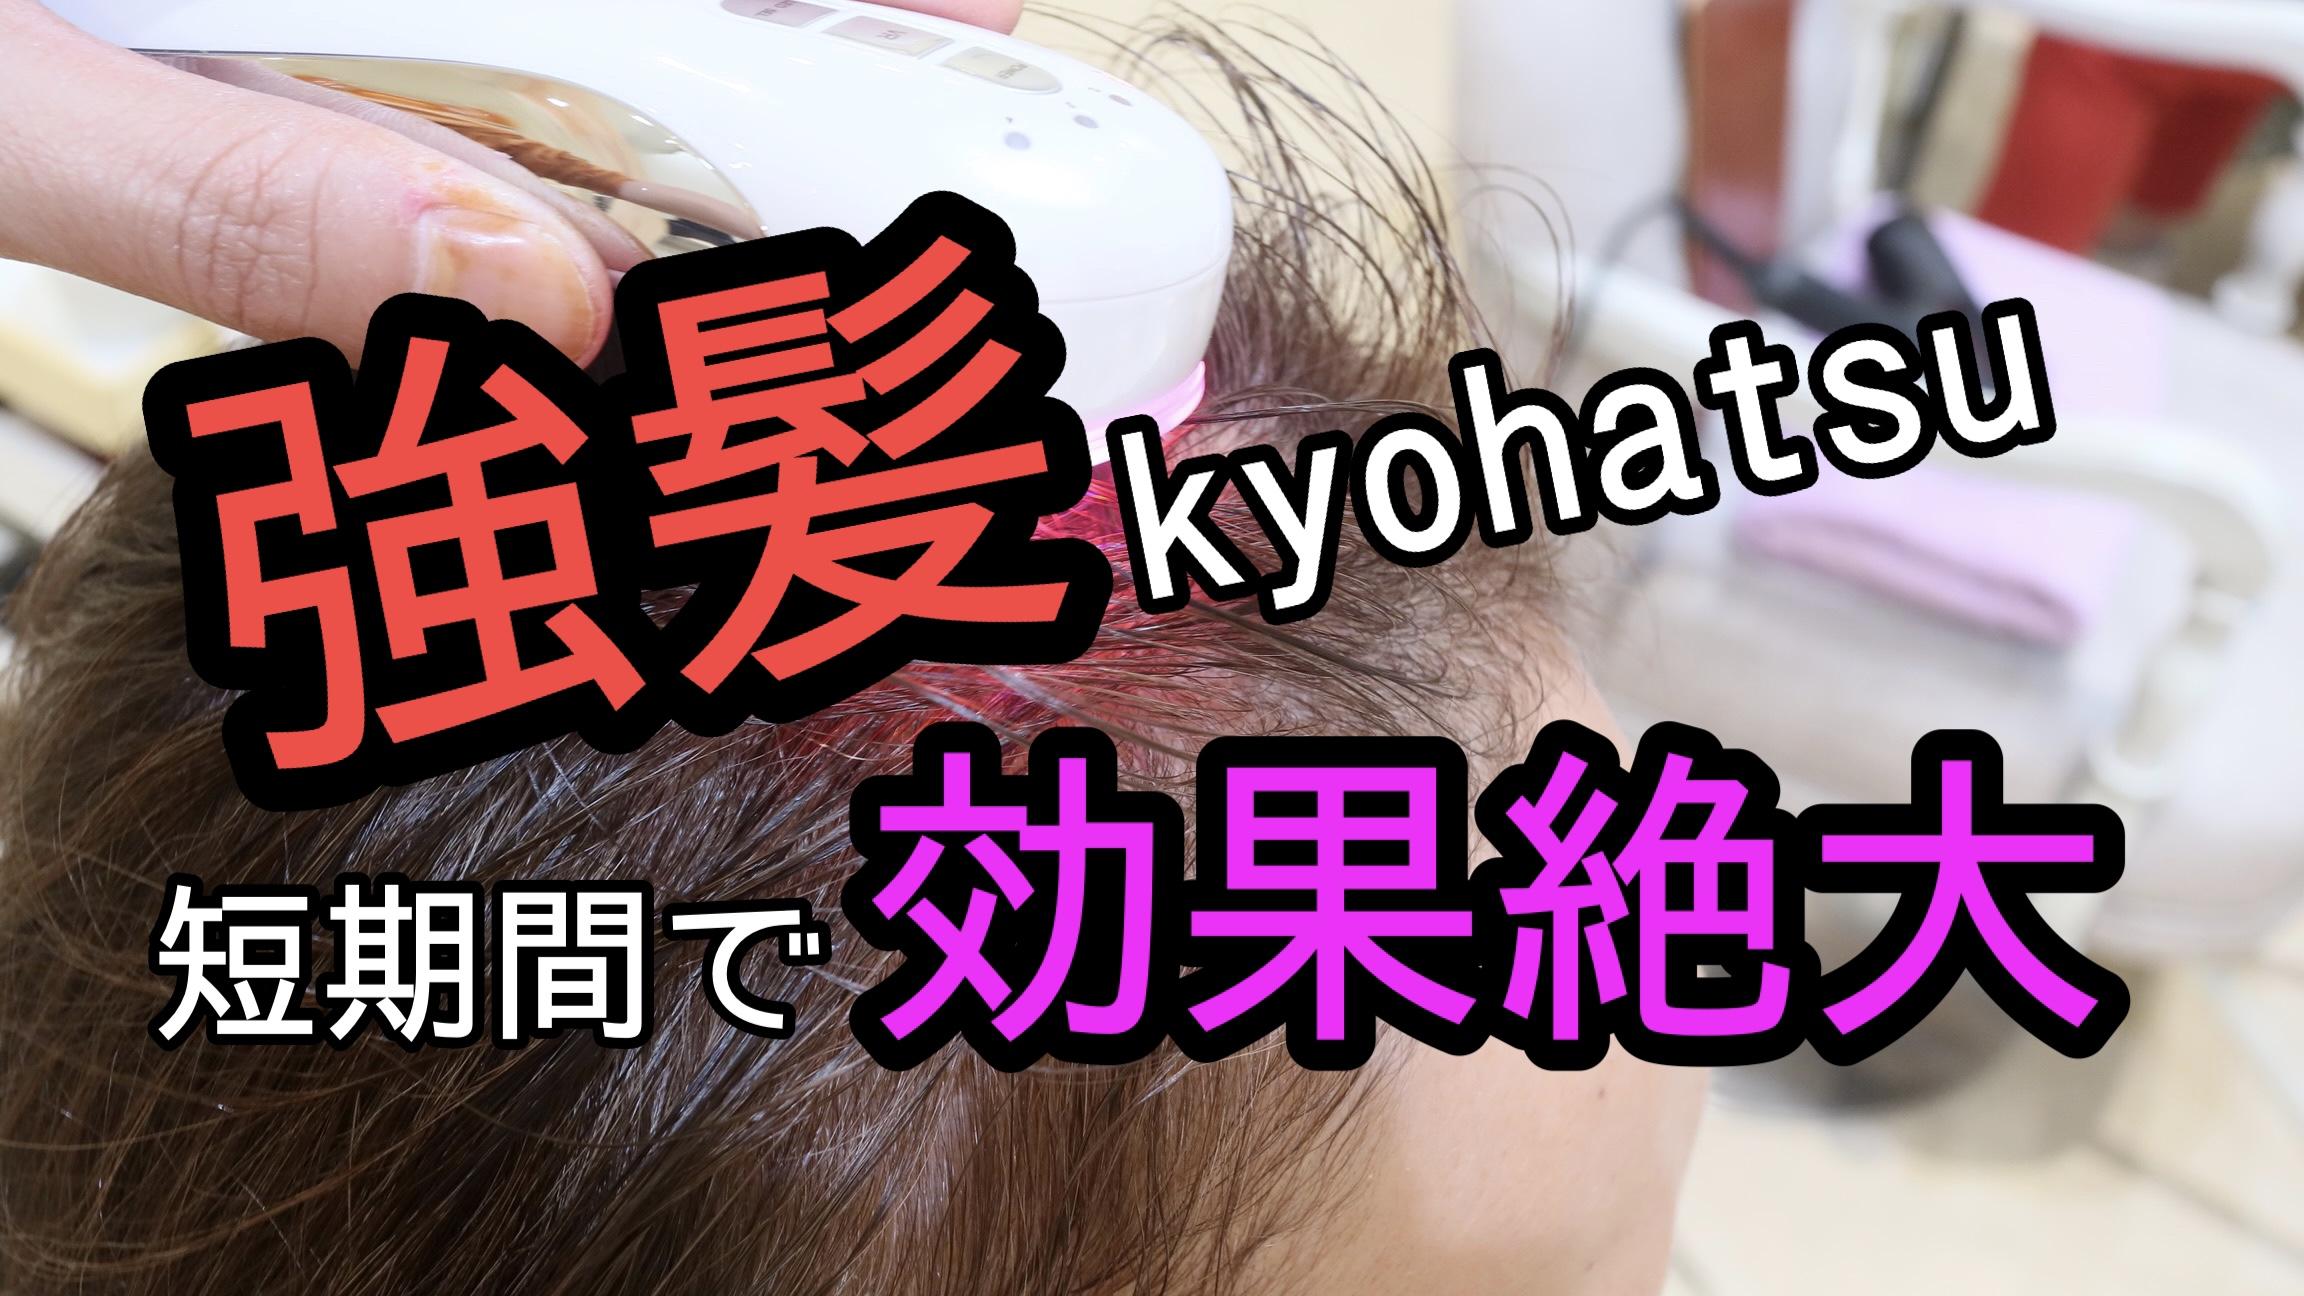 強髪 kyouhatsu